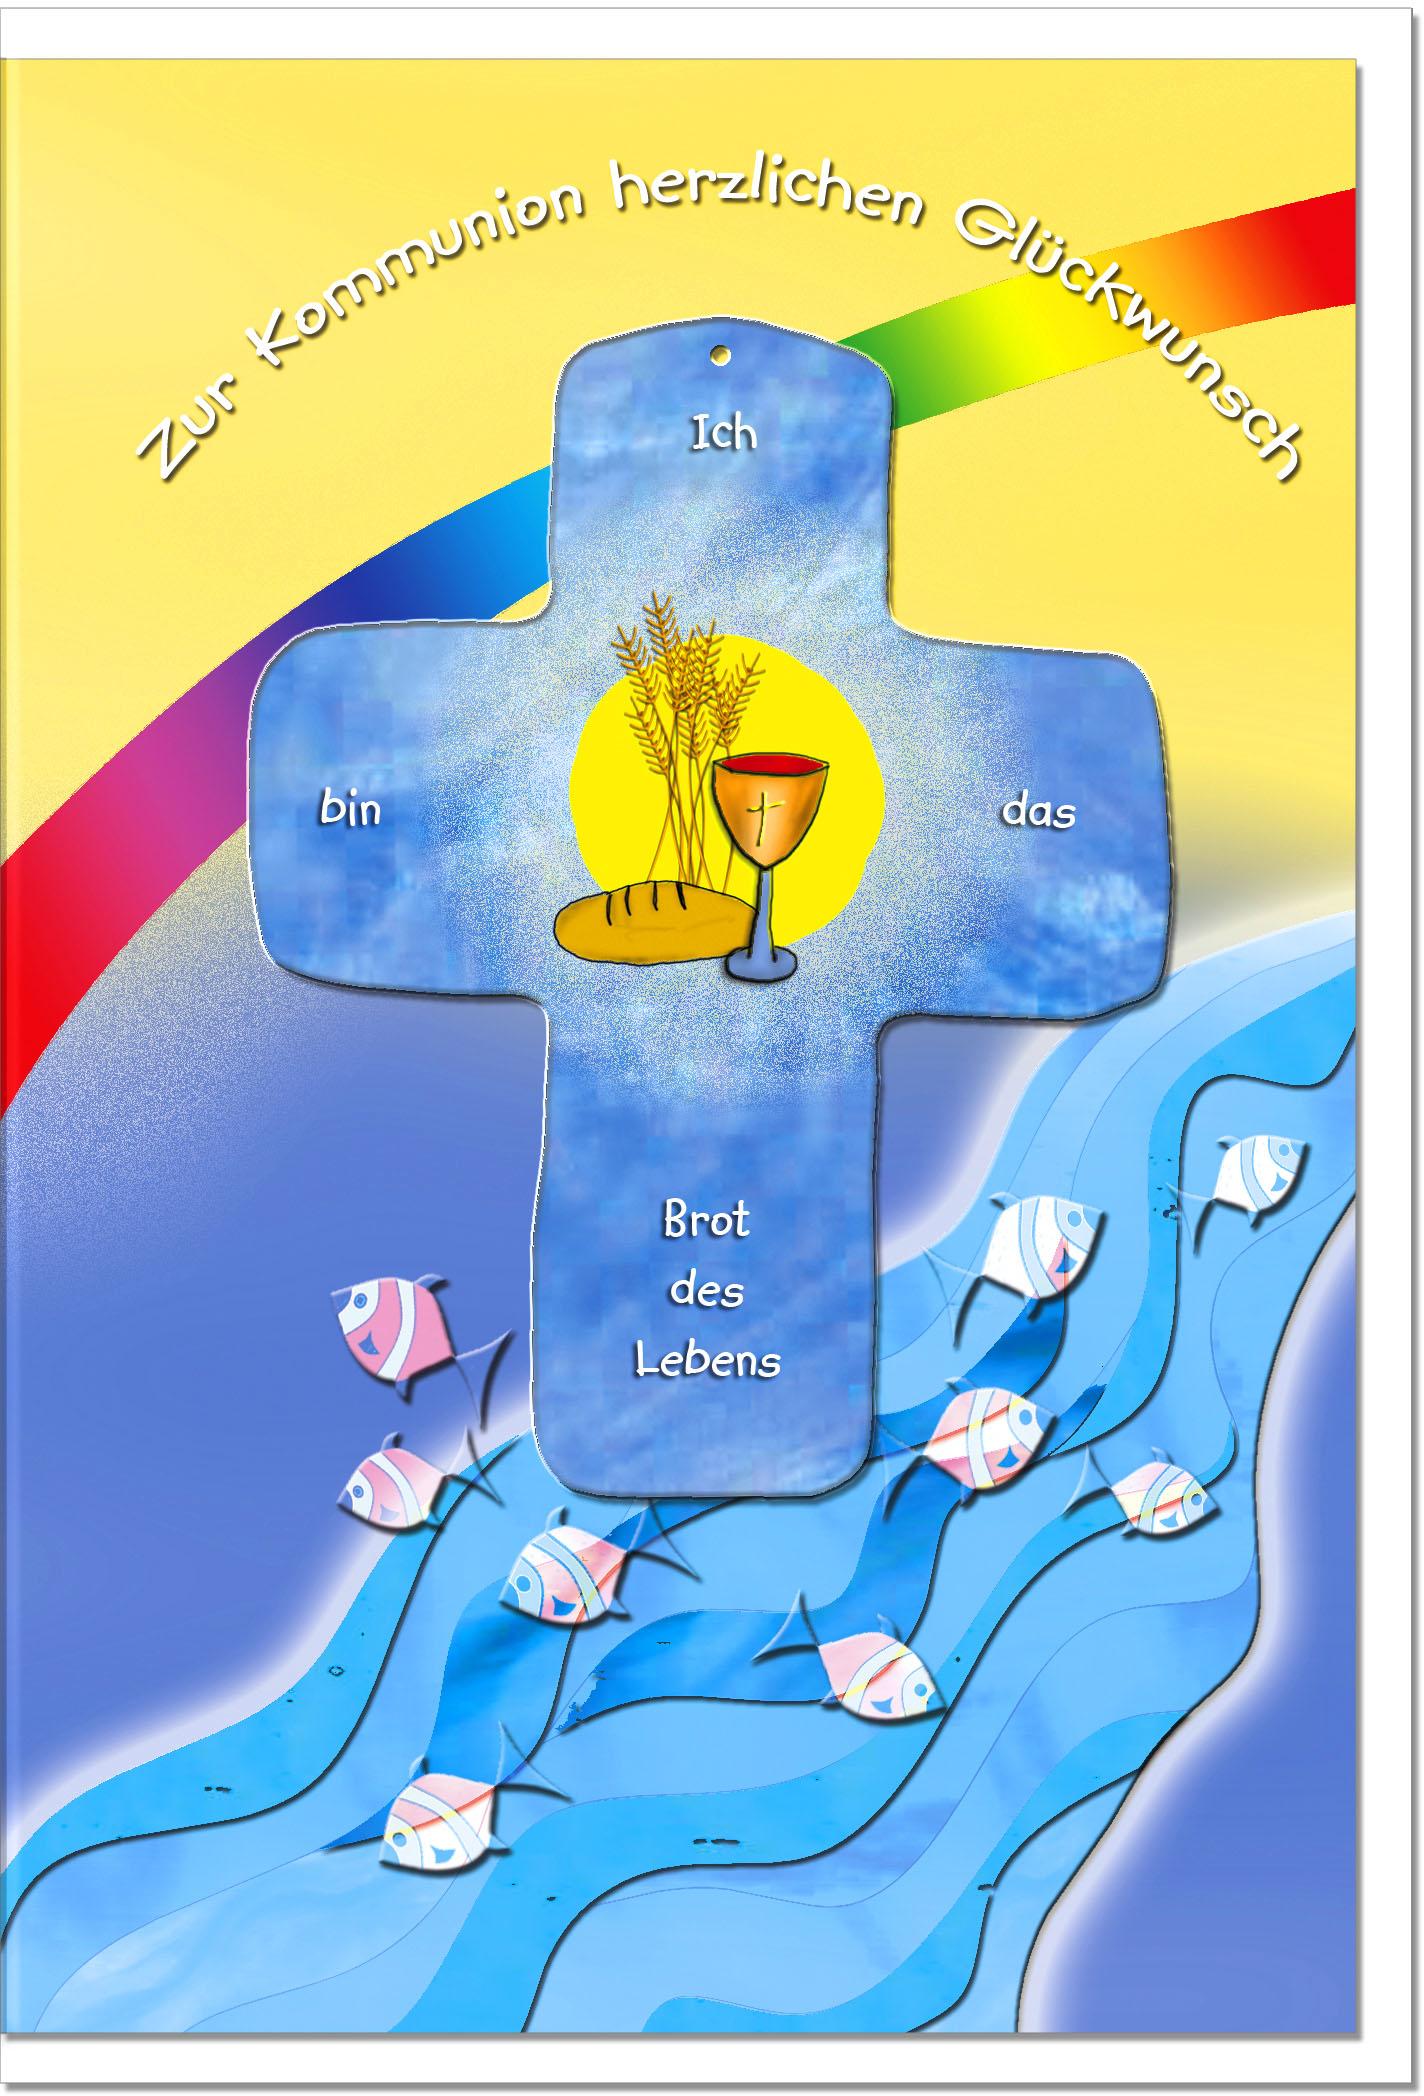 Kommunionskarten / Grußkarten /Kommunion Wasserfall